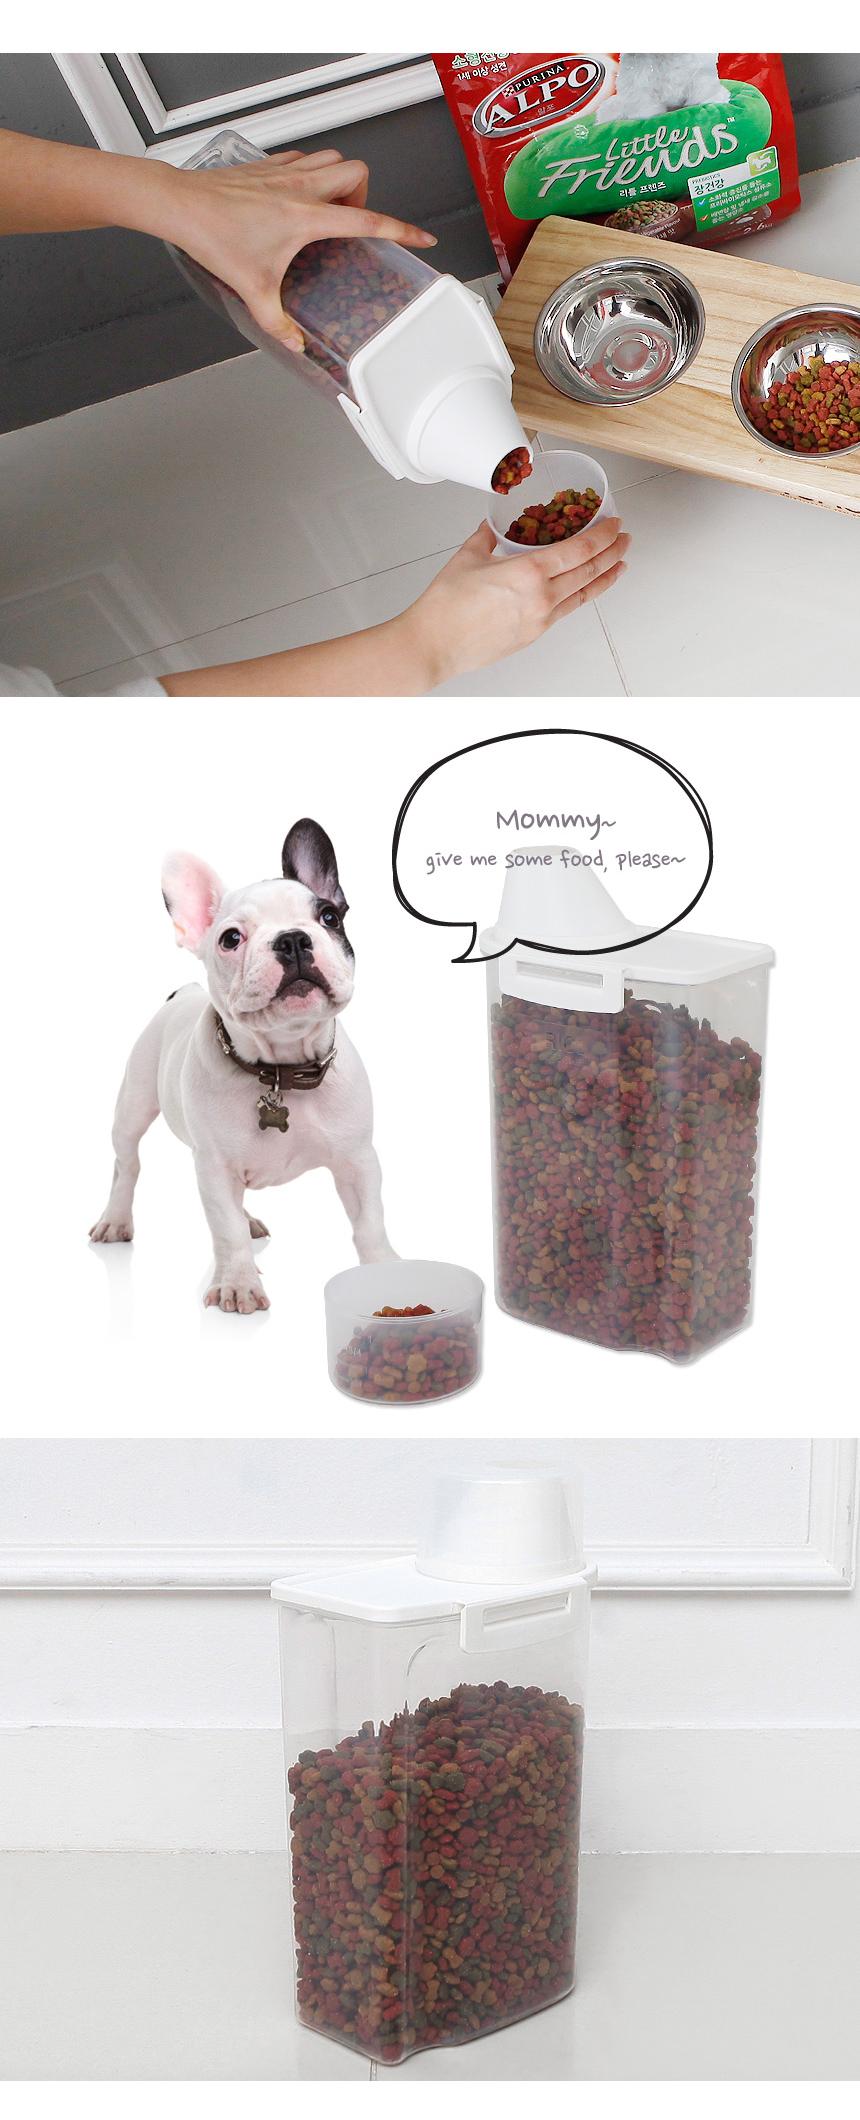 토모 강아지 고양이 사료 보관통 2kg6,900원-더홈펫샵, 강아지용품, 급수/급식기, 사료통/스쿱바보사랑토모 강아지 고양이 사료 보관통 2kg6,900원-더홈펫샵, 강아지용품, 급수/급식기, 사료통/스쿱바보사랑